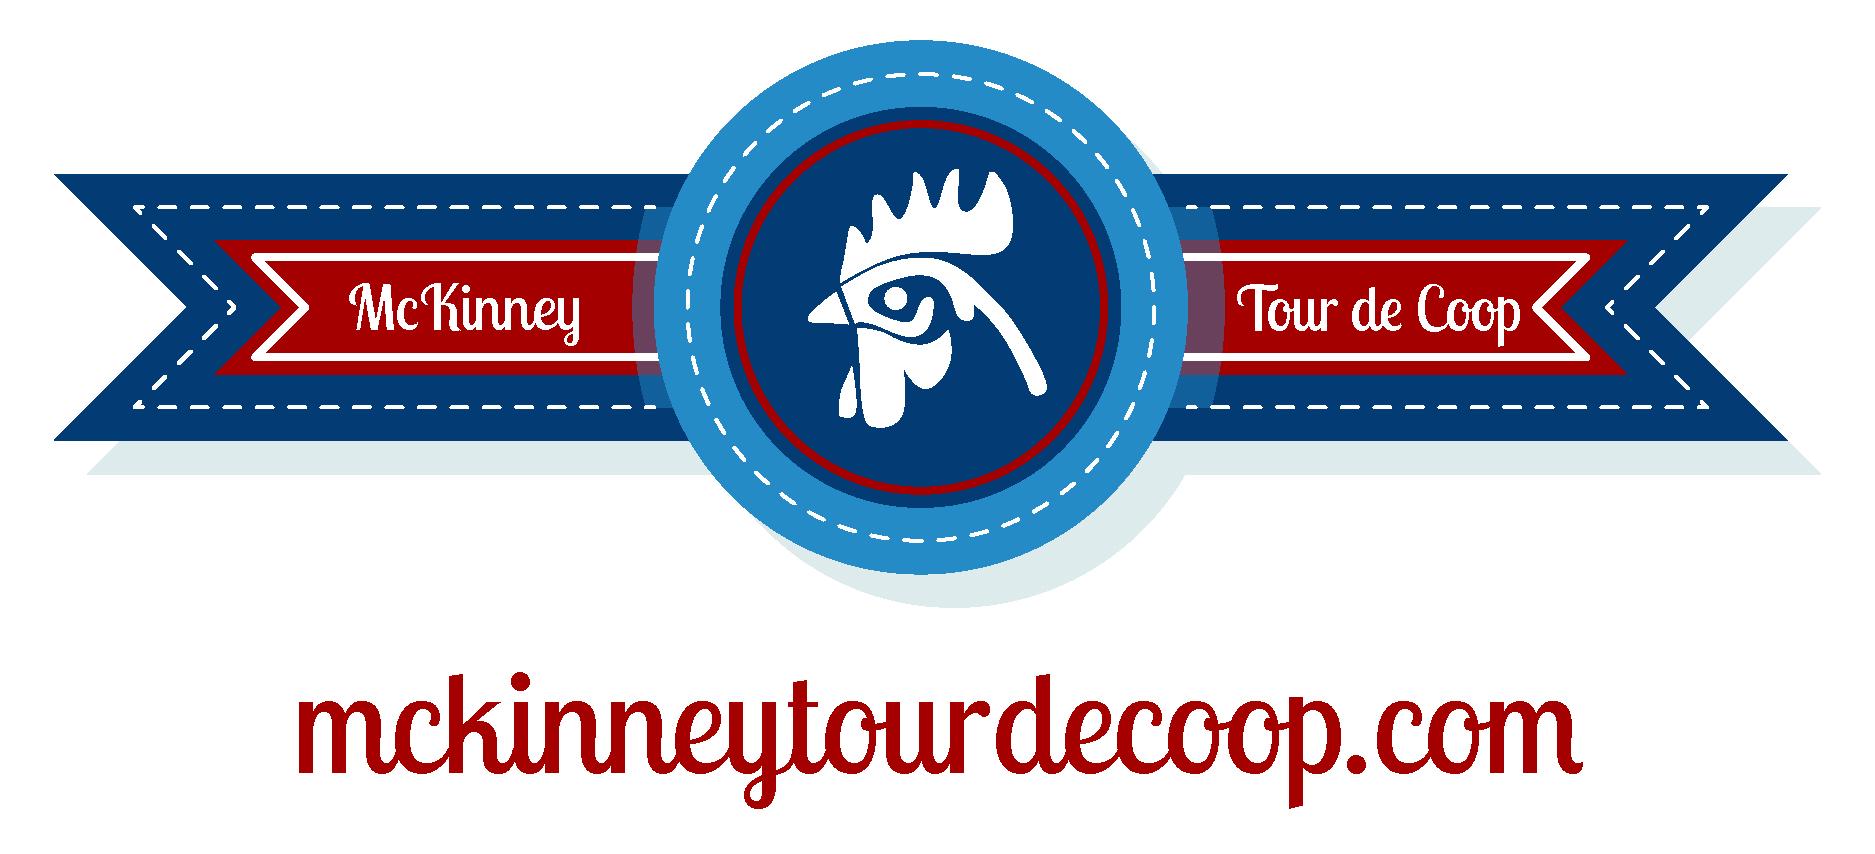 Tour-de-Coop-Logo-2017